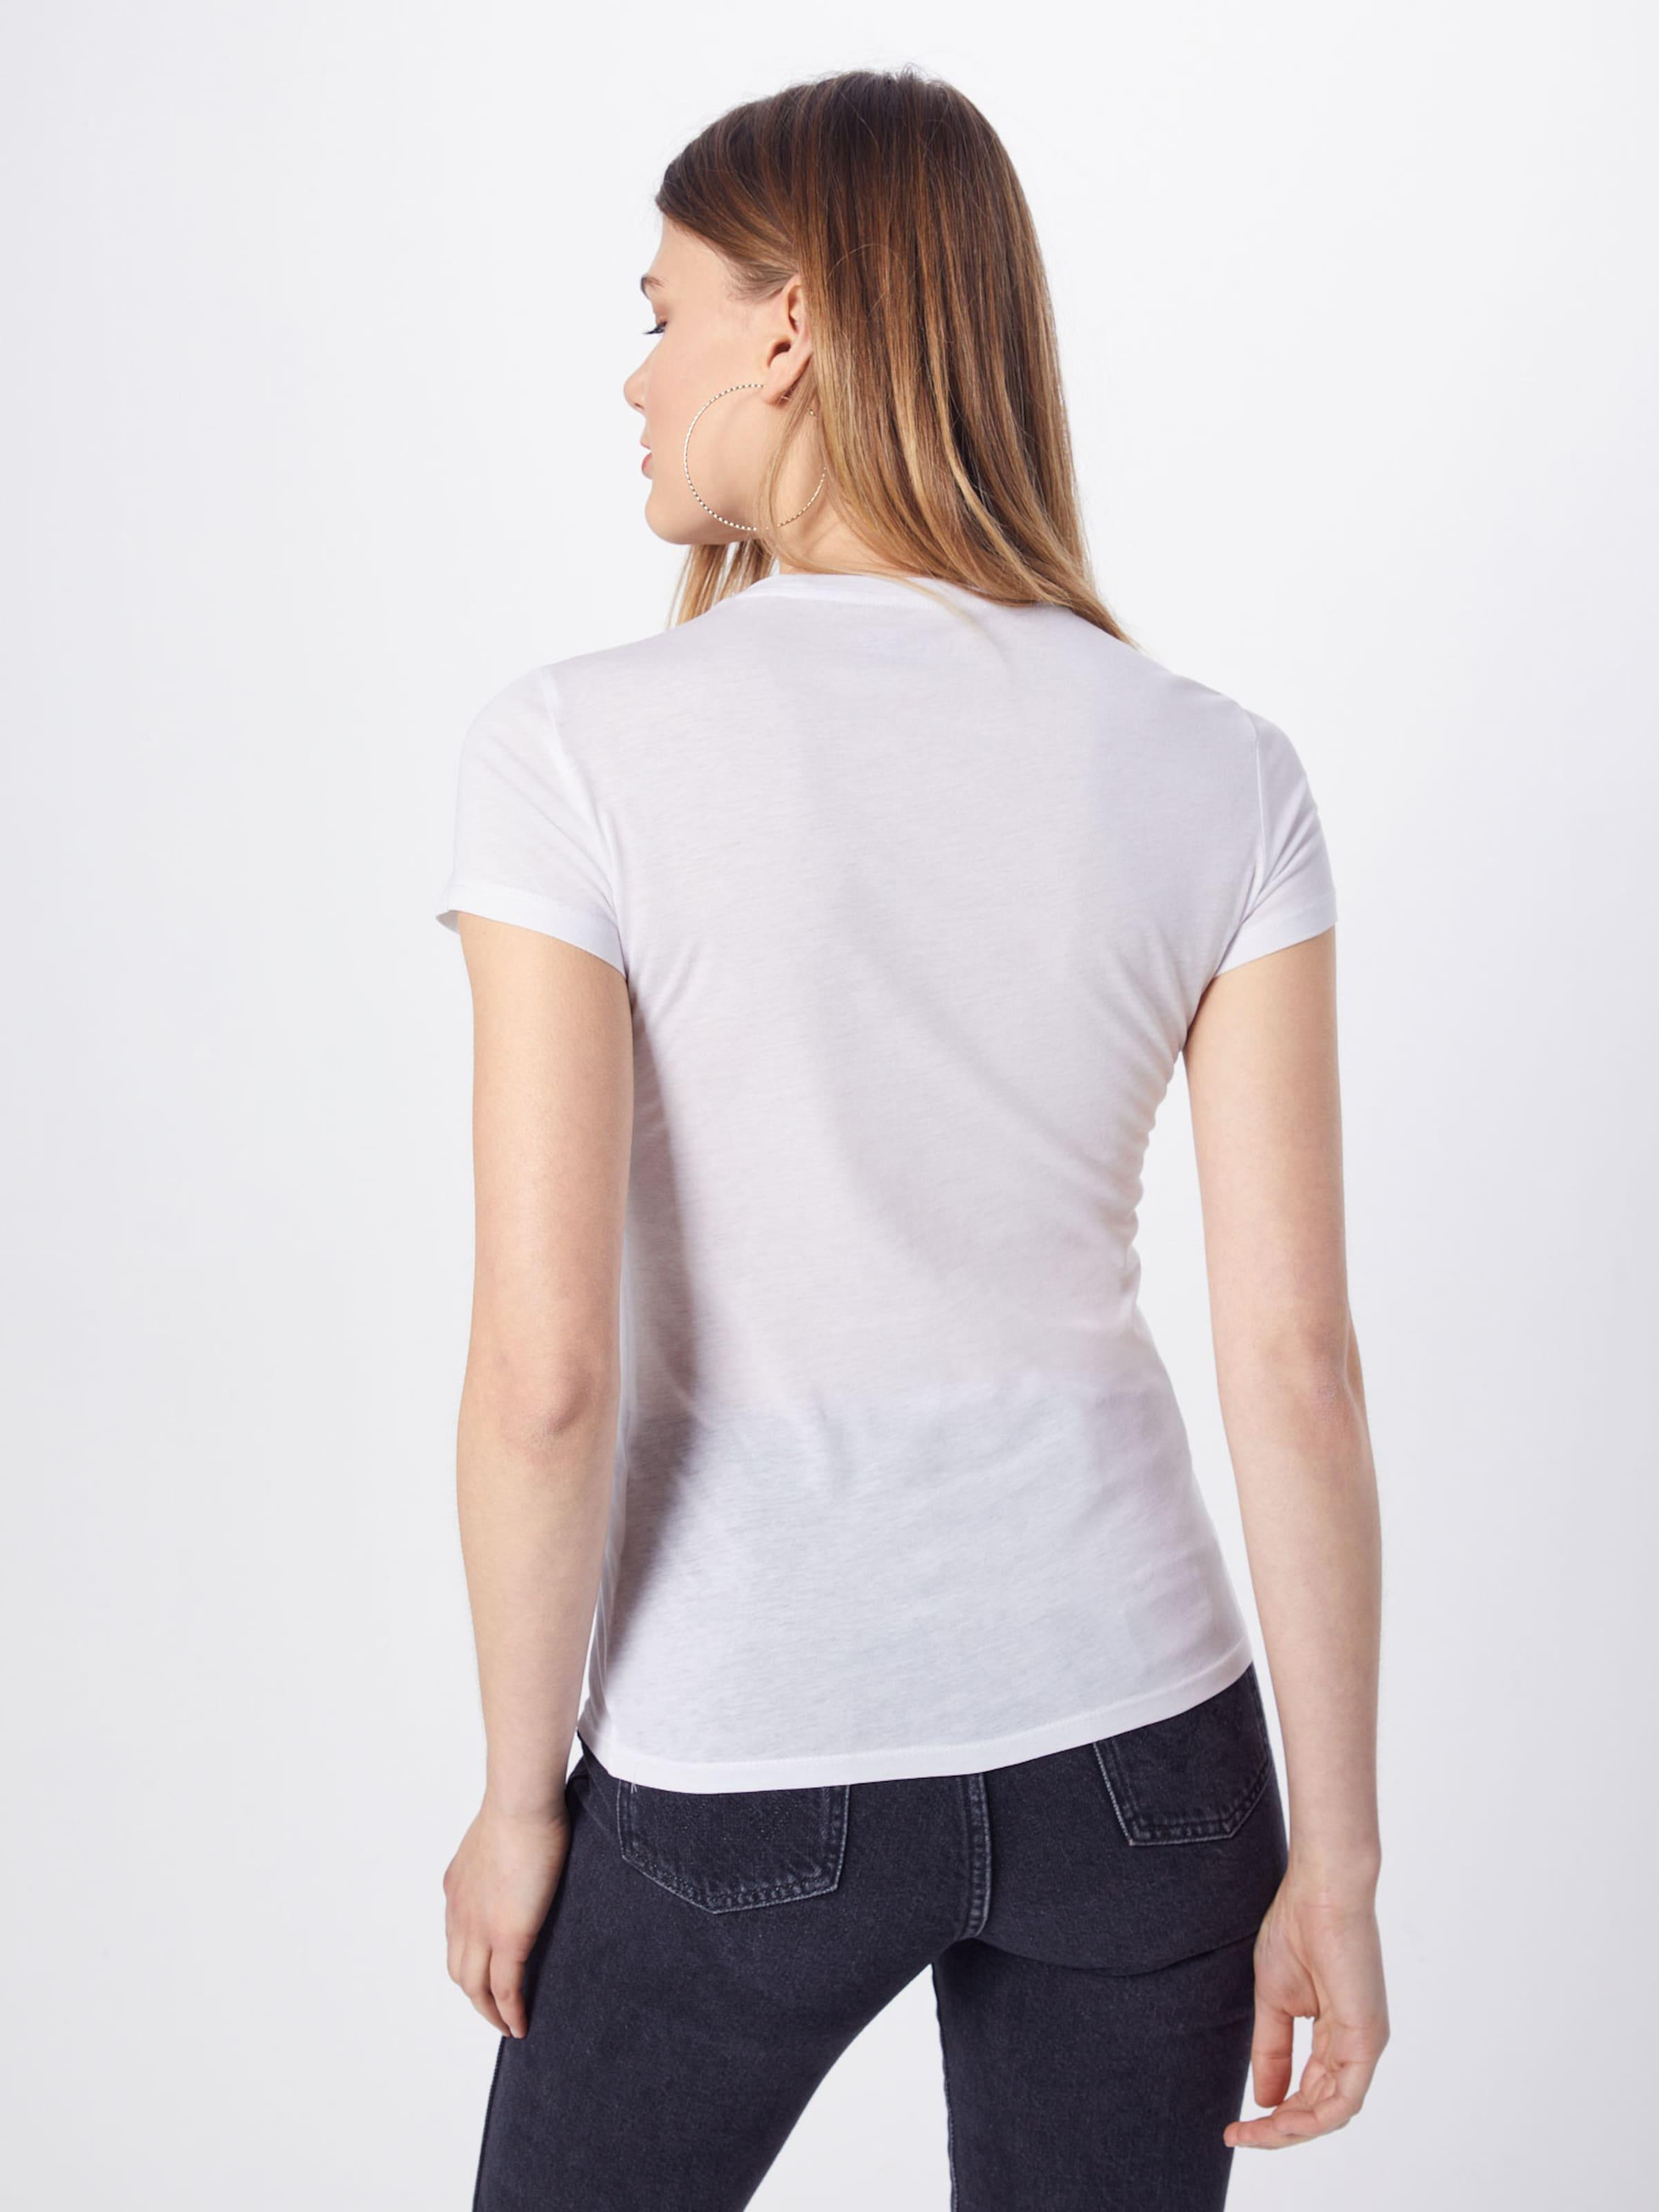 Shirt In Cn Guess Basic 'ss Weiß Tee' ZuOikPX